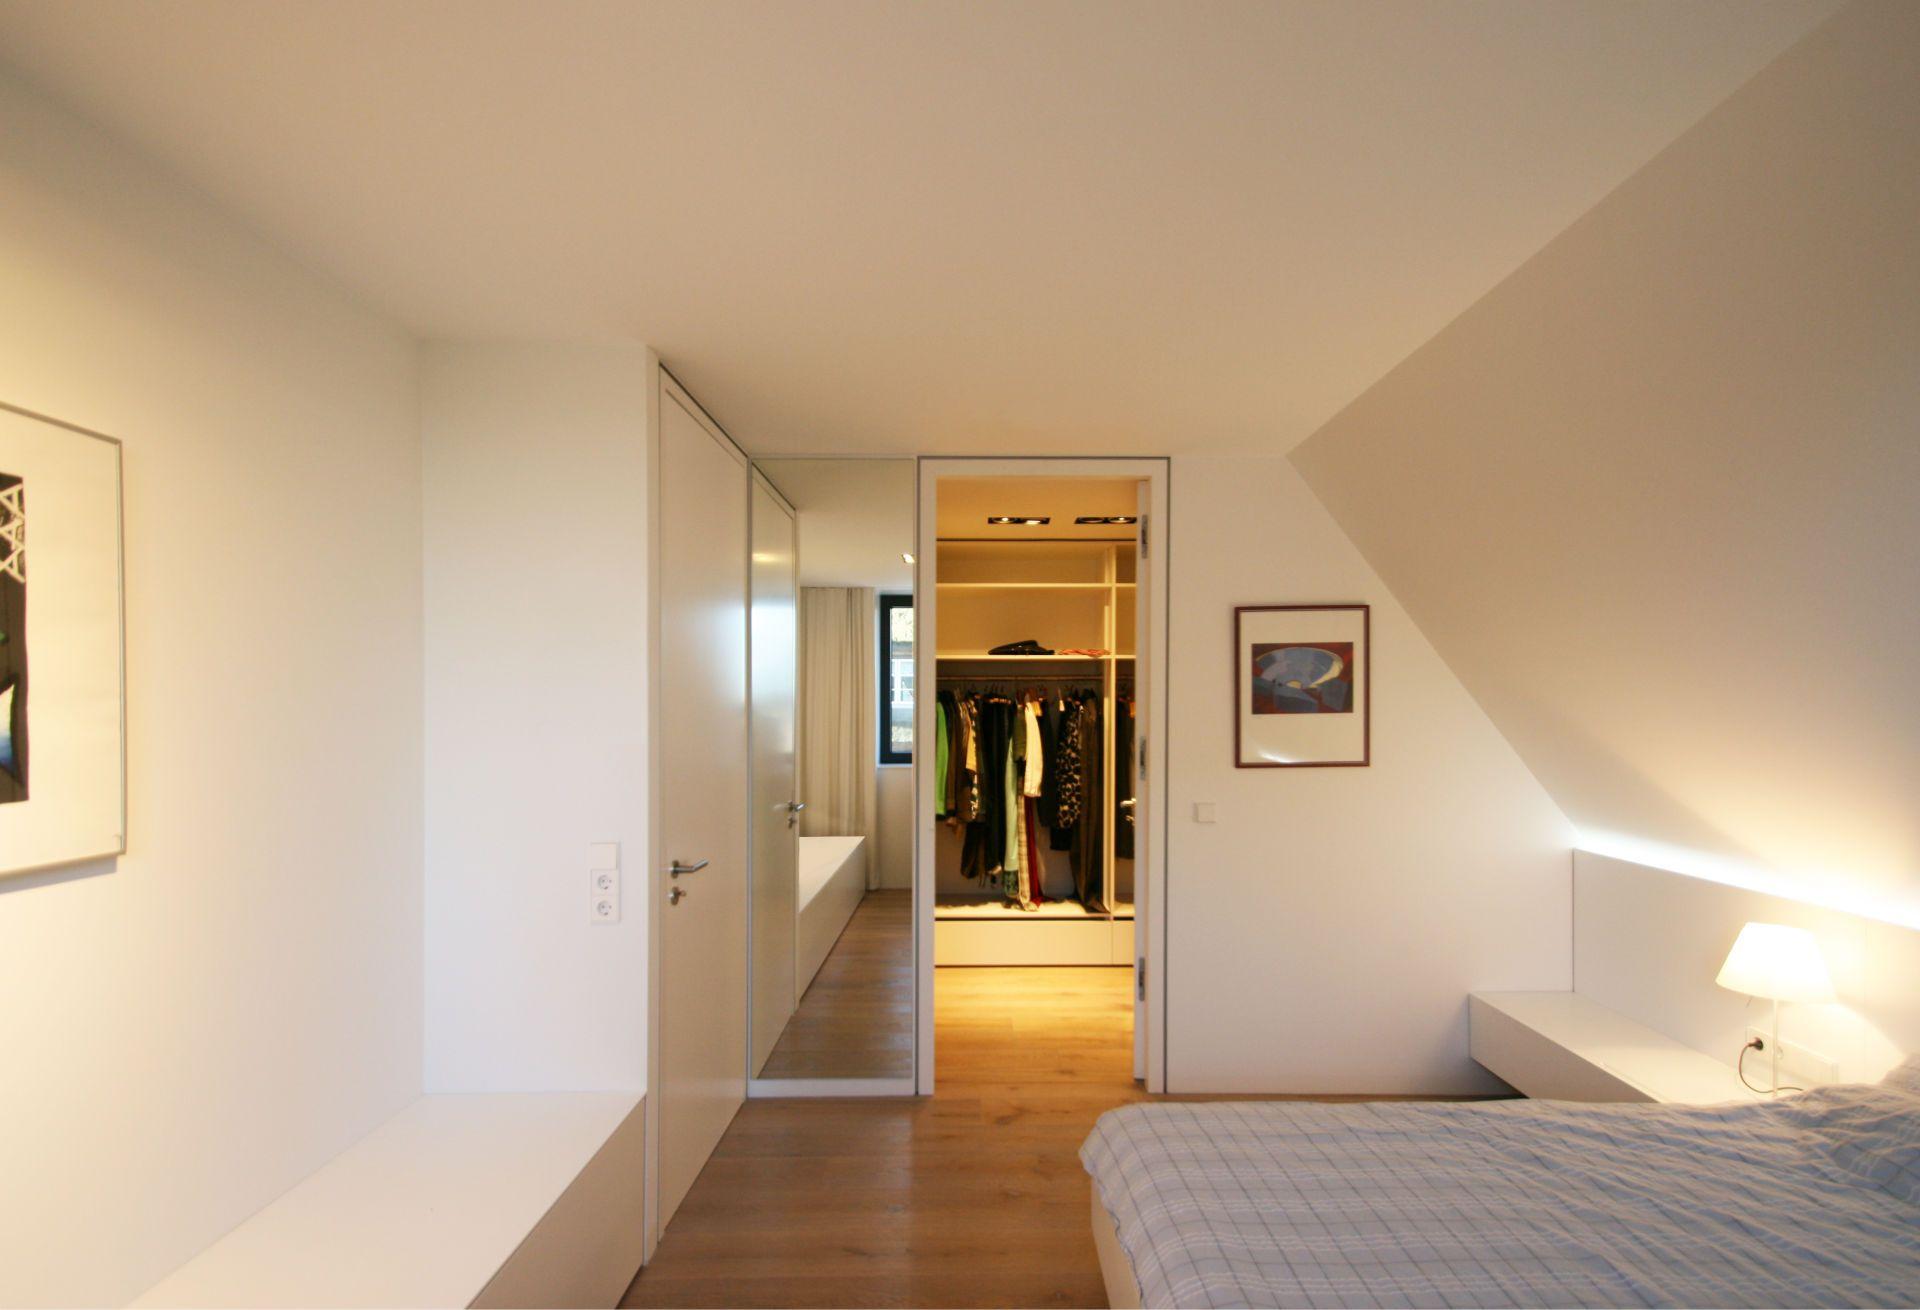 Schlafzimmer mit ankleide bilder von ankleidesystemen wie ein begehbarer - Wandanstrich ideen ...